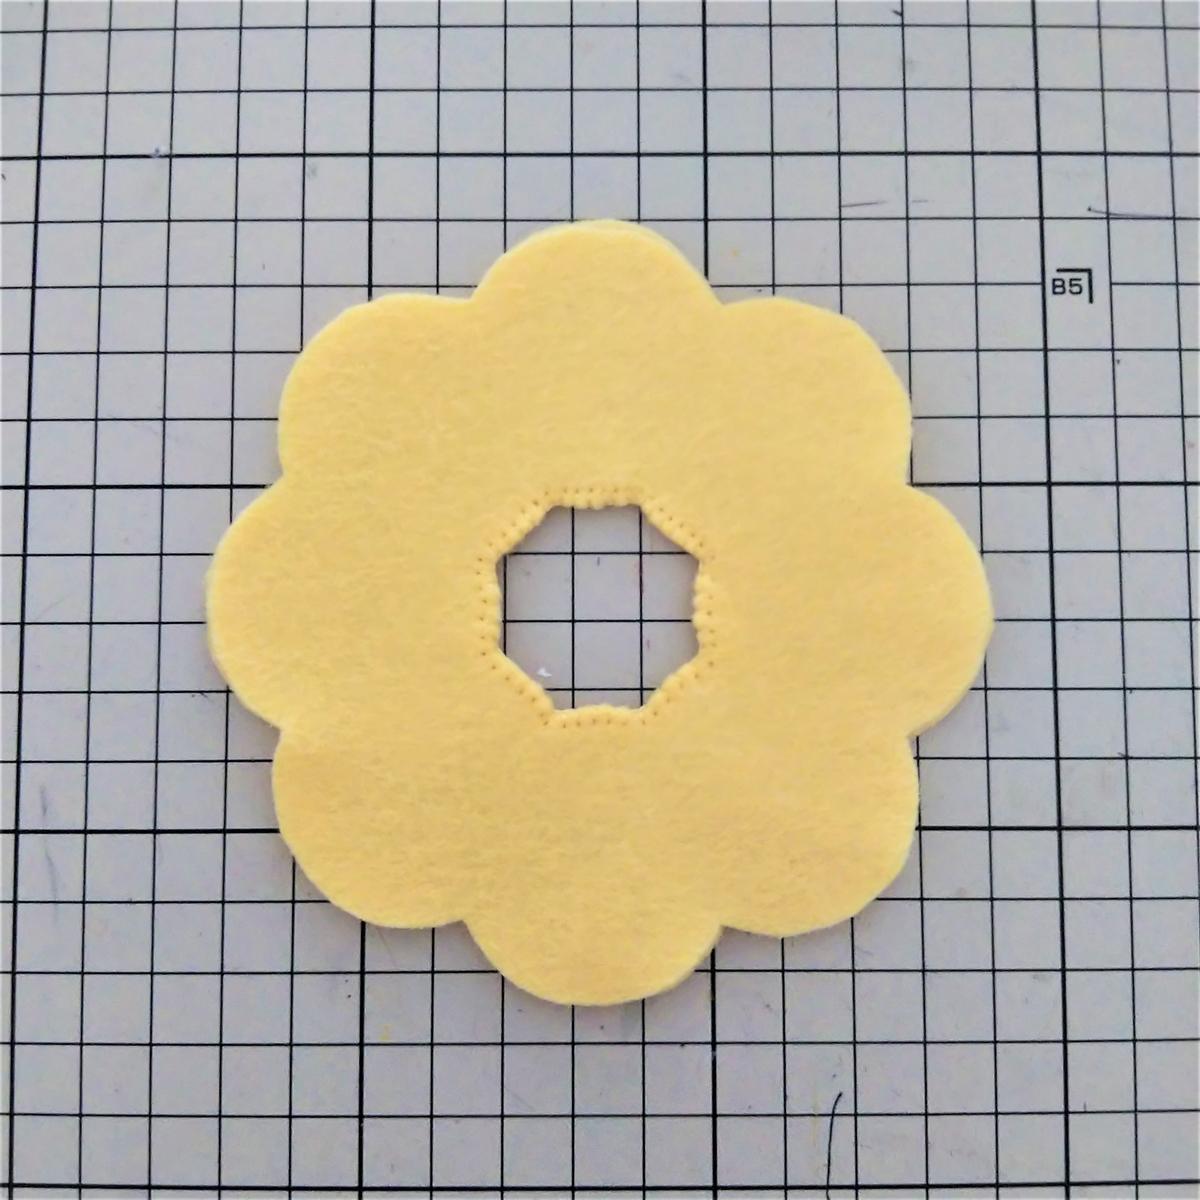 ポン・デ・リングの作り方① 重ねて穴を縫い合わせる